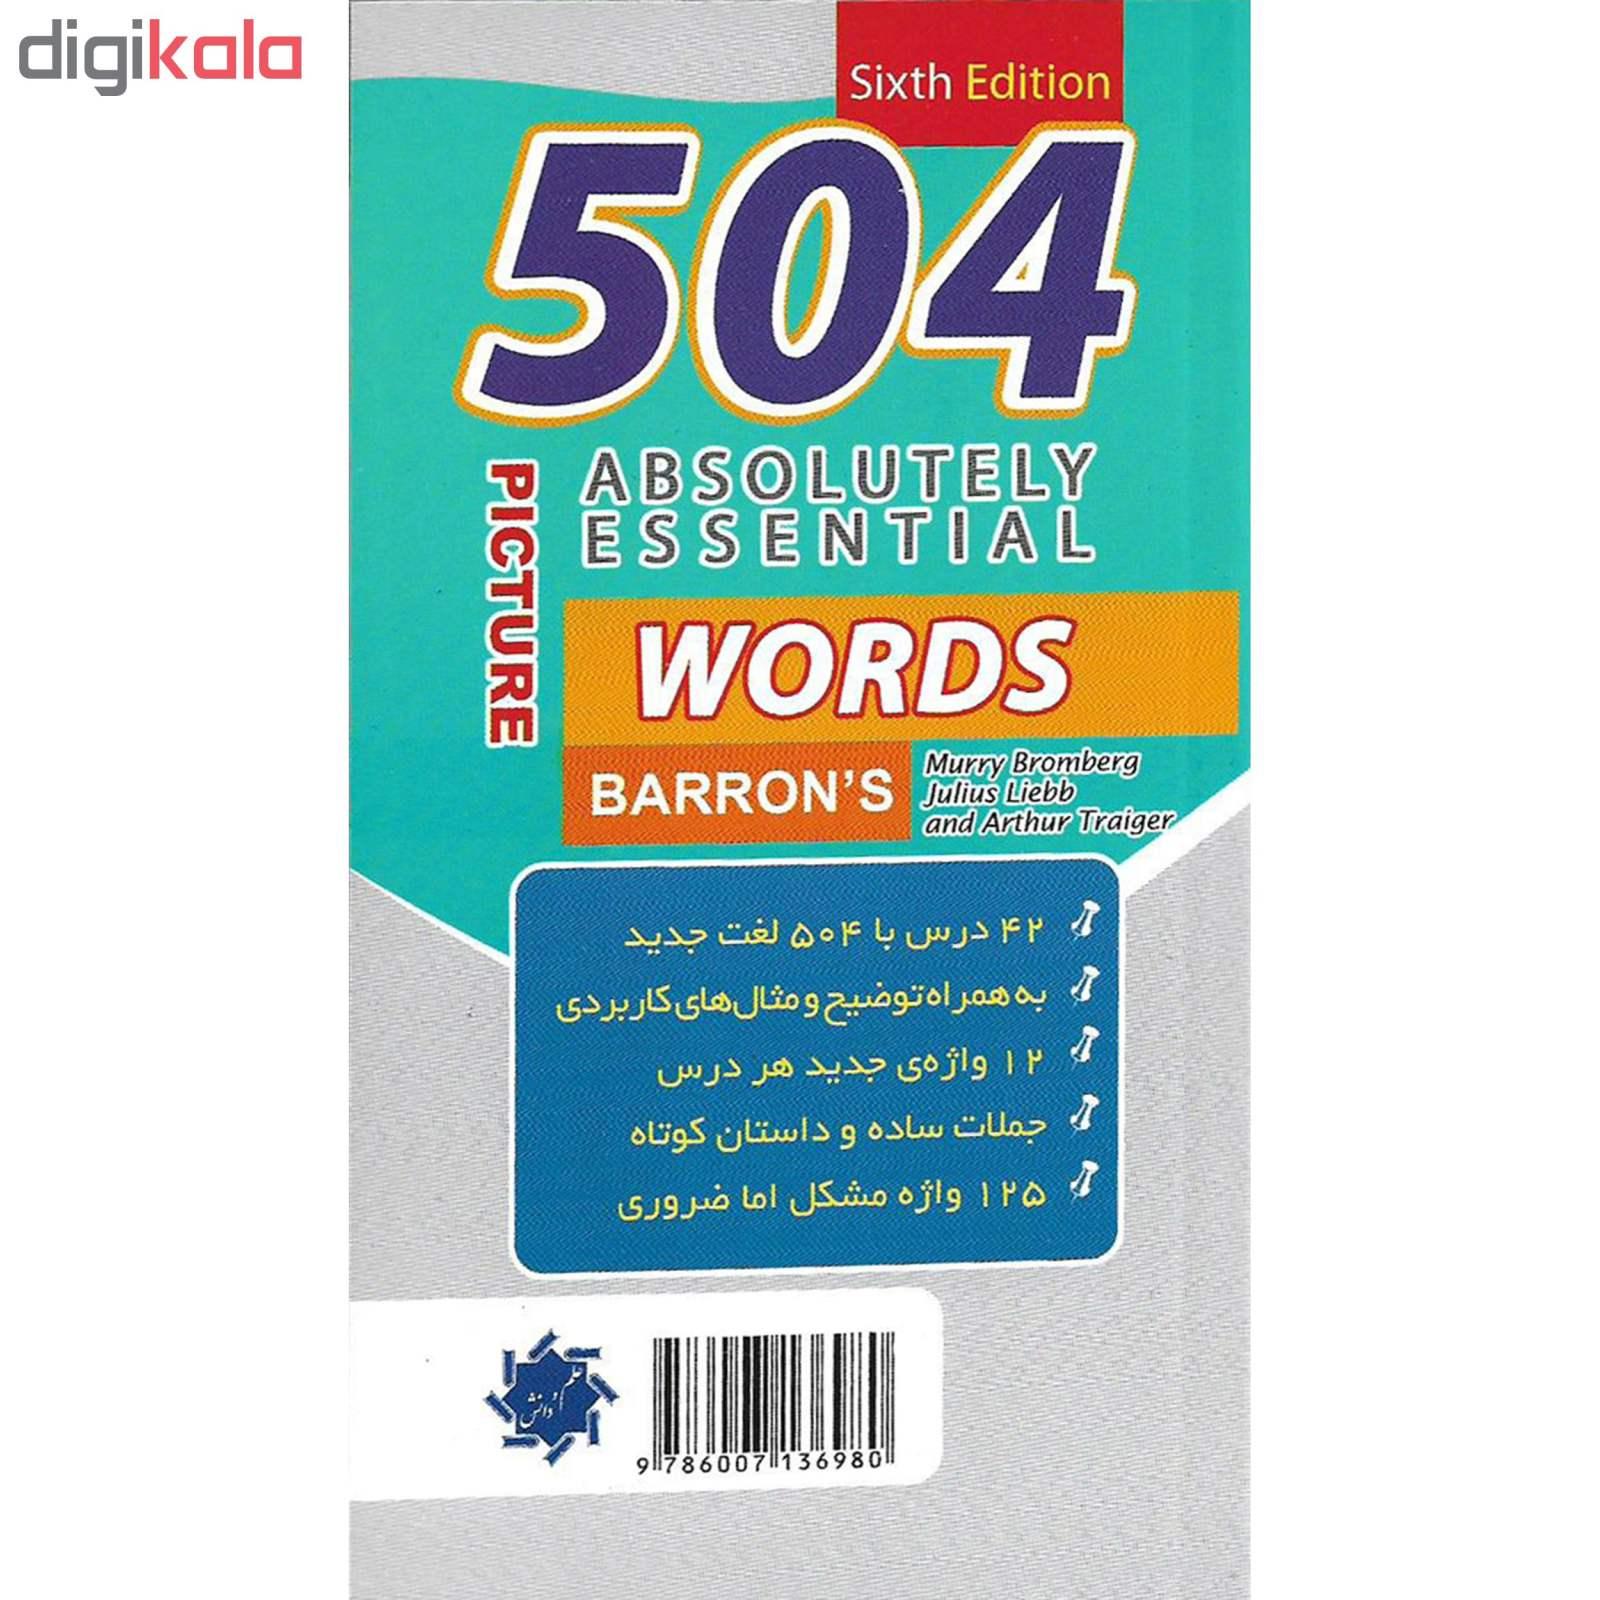 کتاب 504 واژه کاملا ضروری اثر جمعی از نویسندگان نشر علم و دانش main 1 2